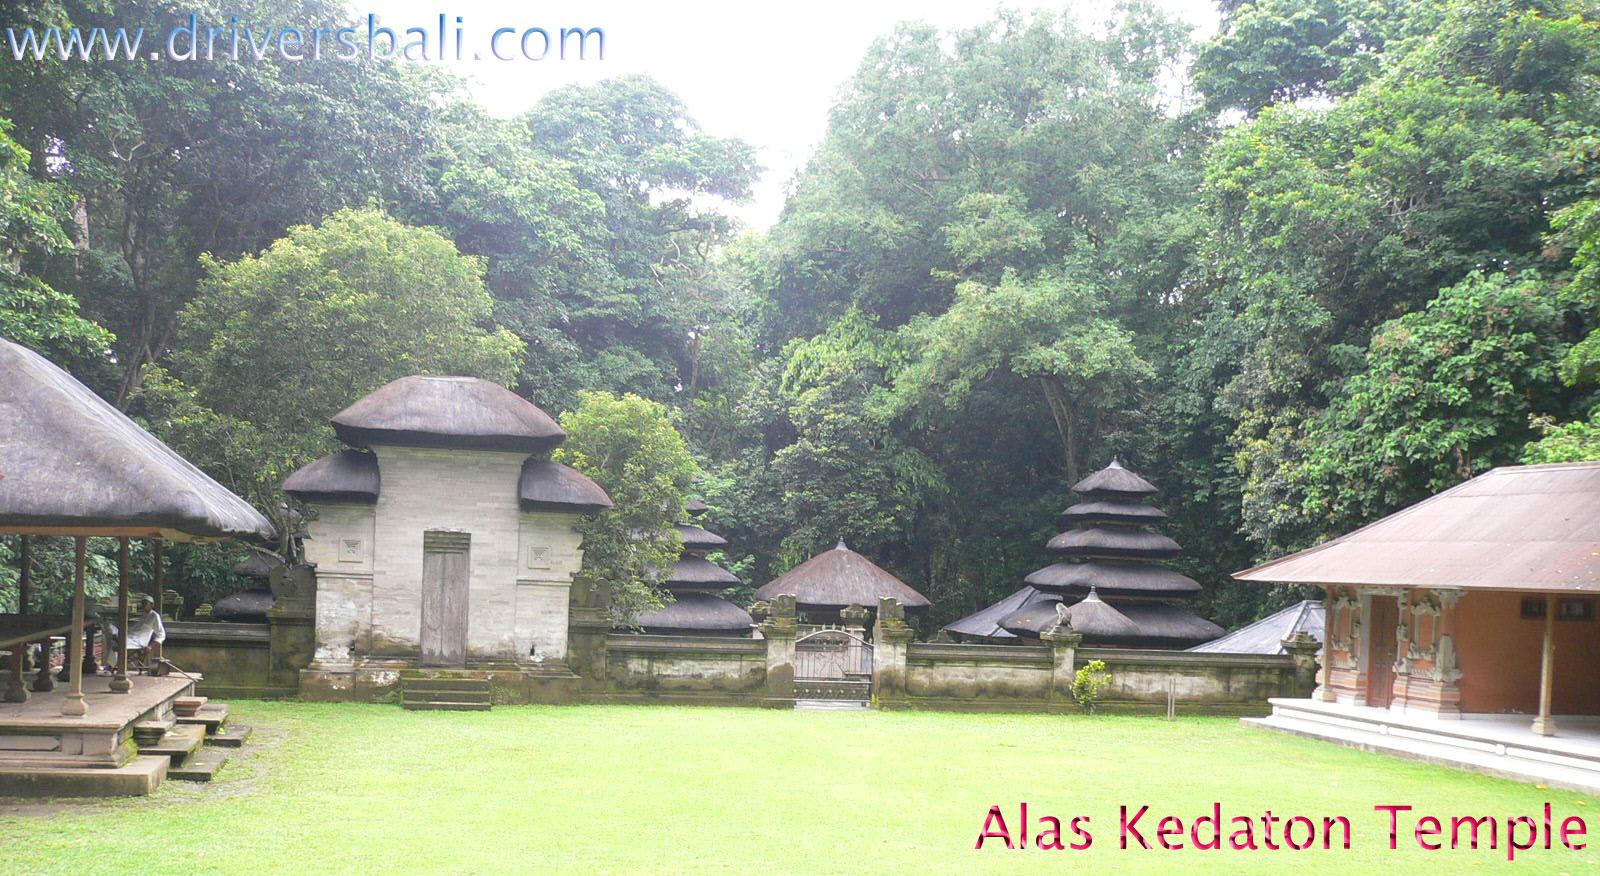 Alas Kedaton Temple Monkey Forest Kukuh Village Bali Kab Tabanan